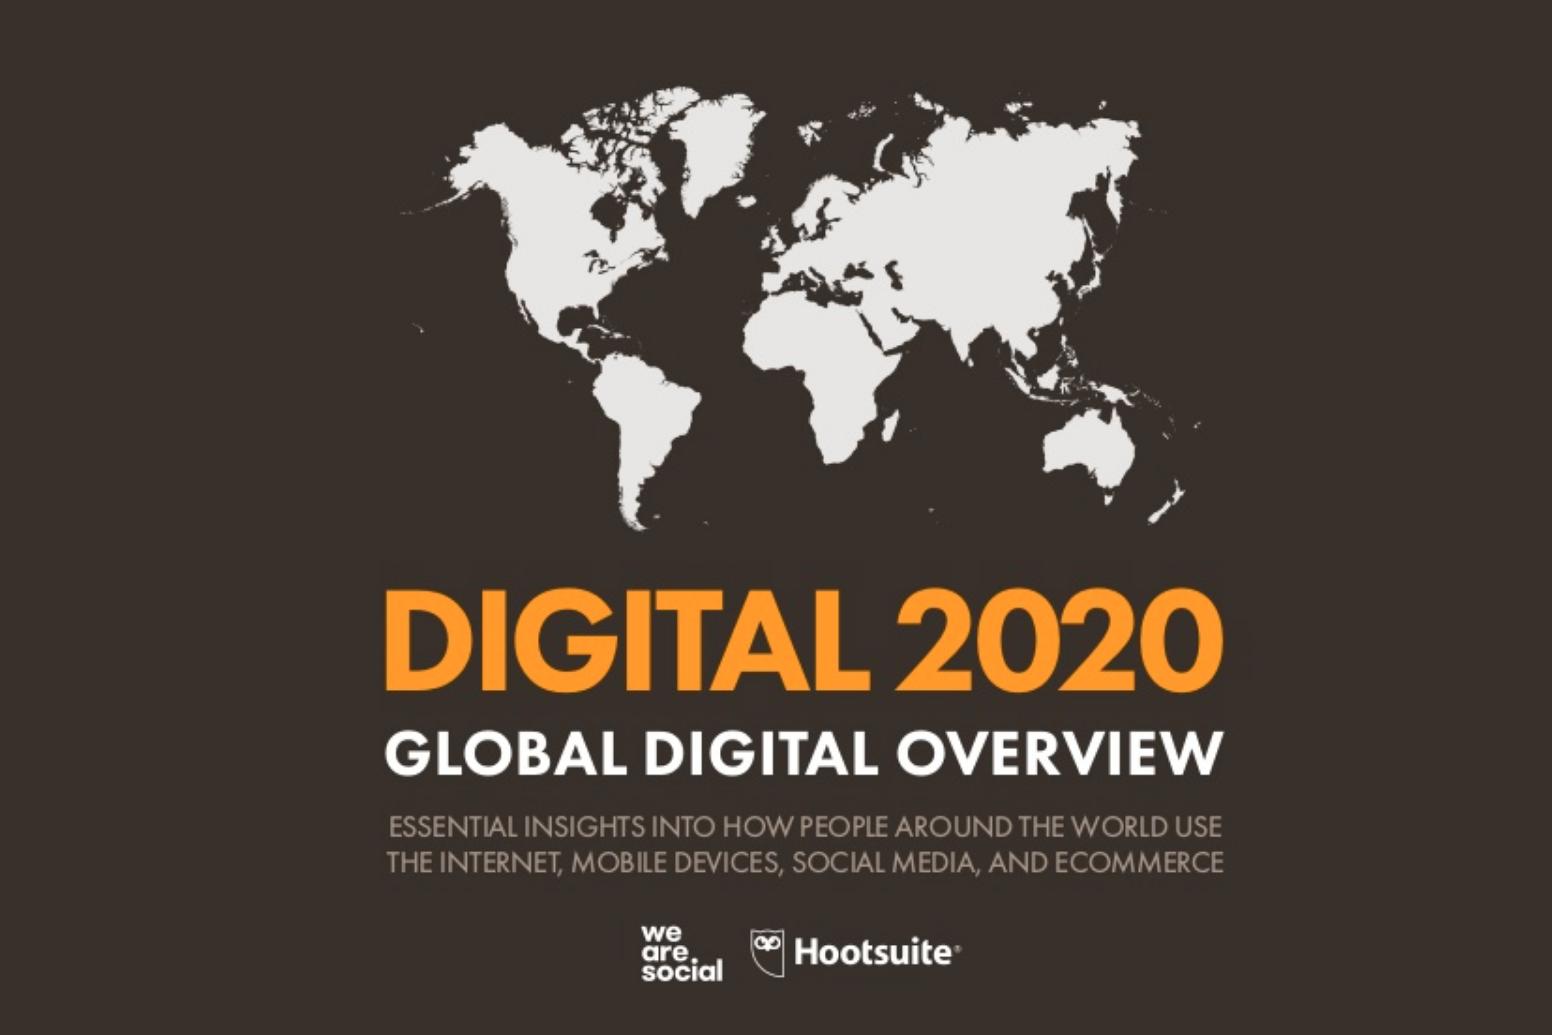 sociale media in 2020